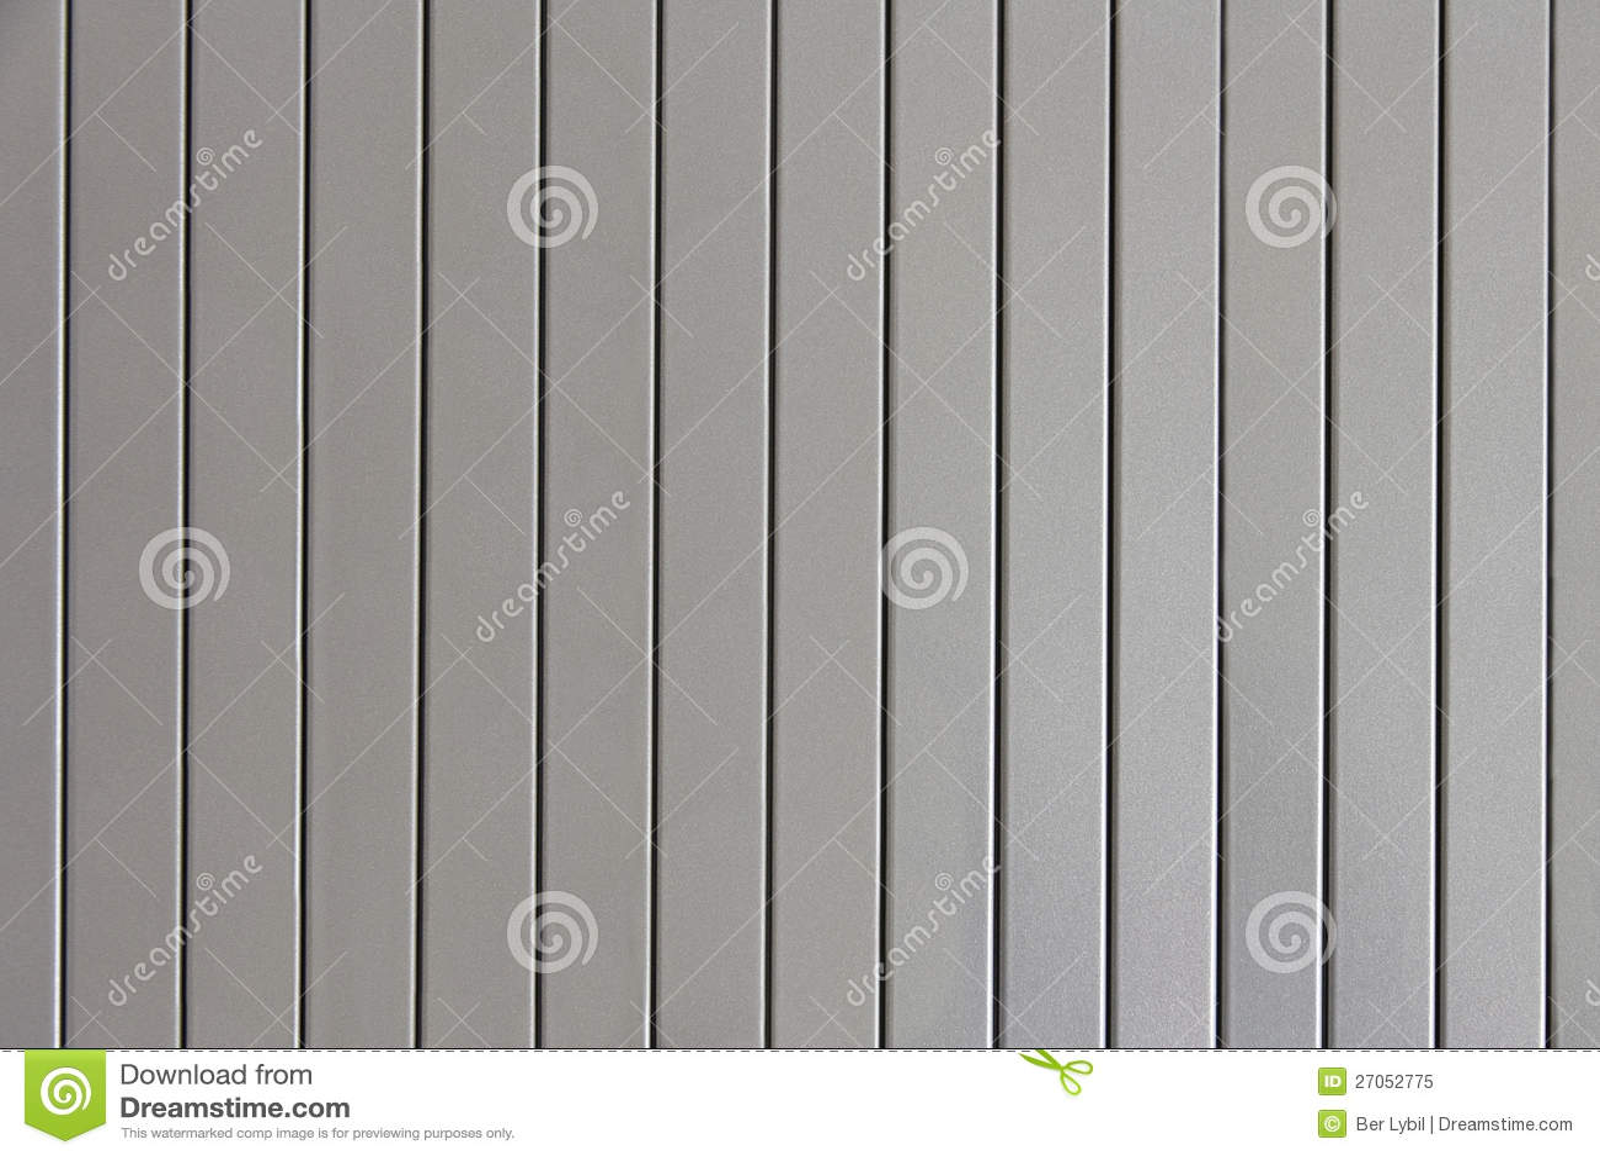 Picture of: Aluminium Sliding Door Texture Stock Image Image Of Painted Aluminum 27052775